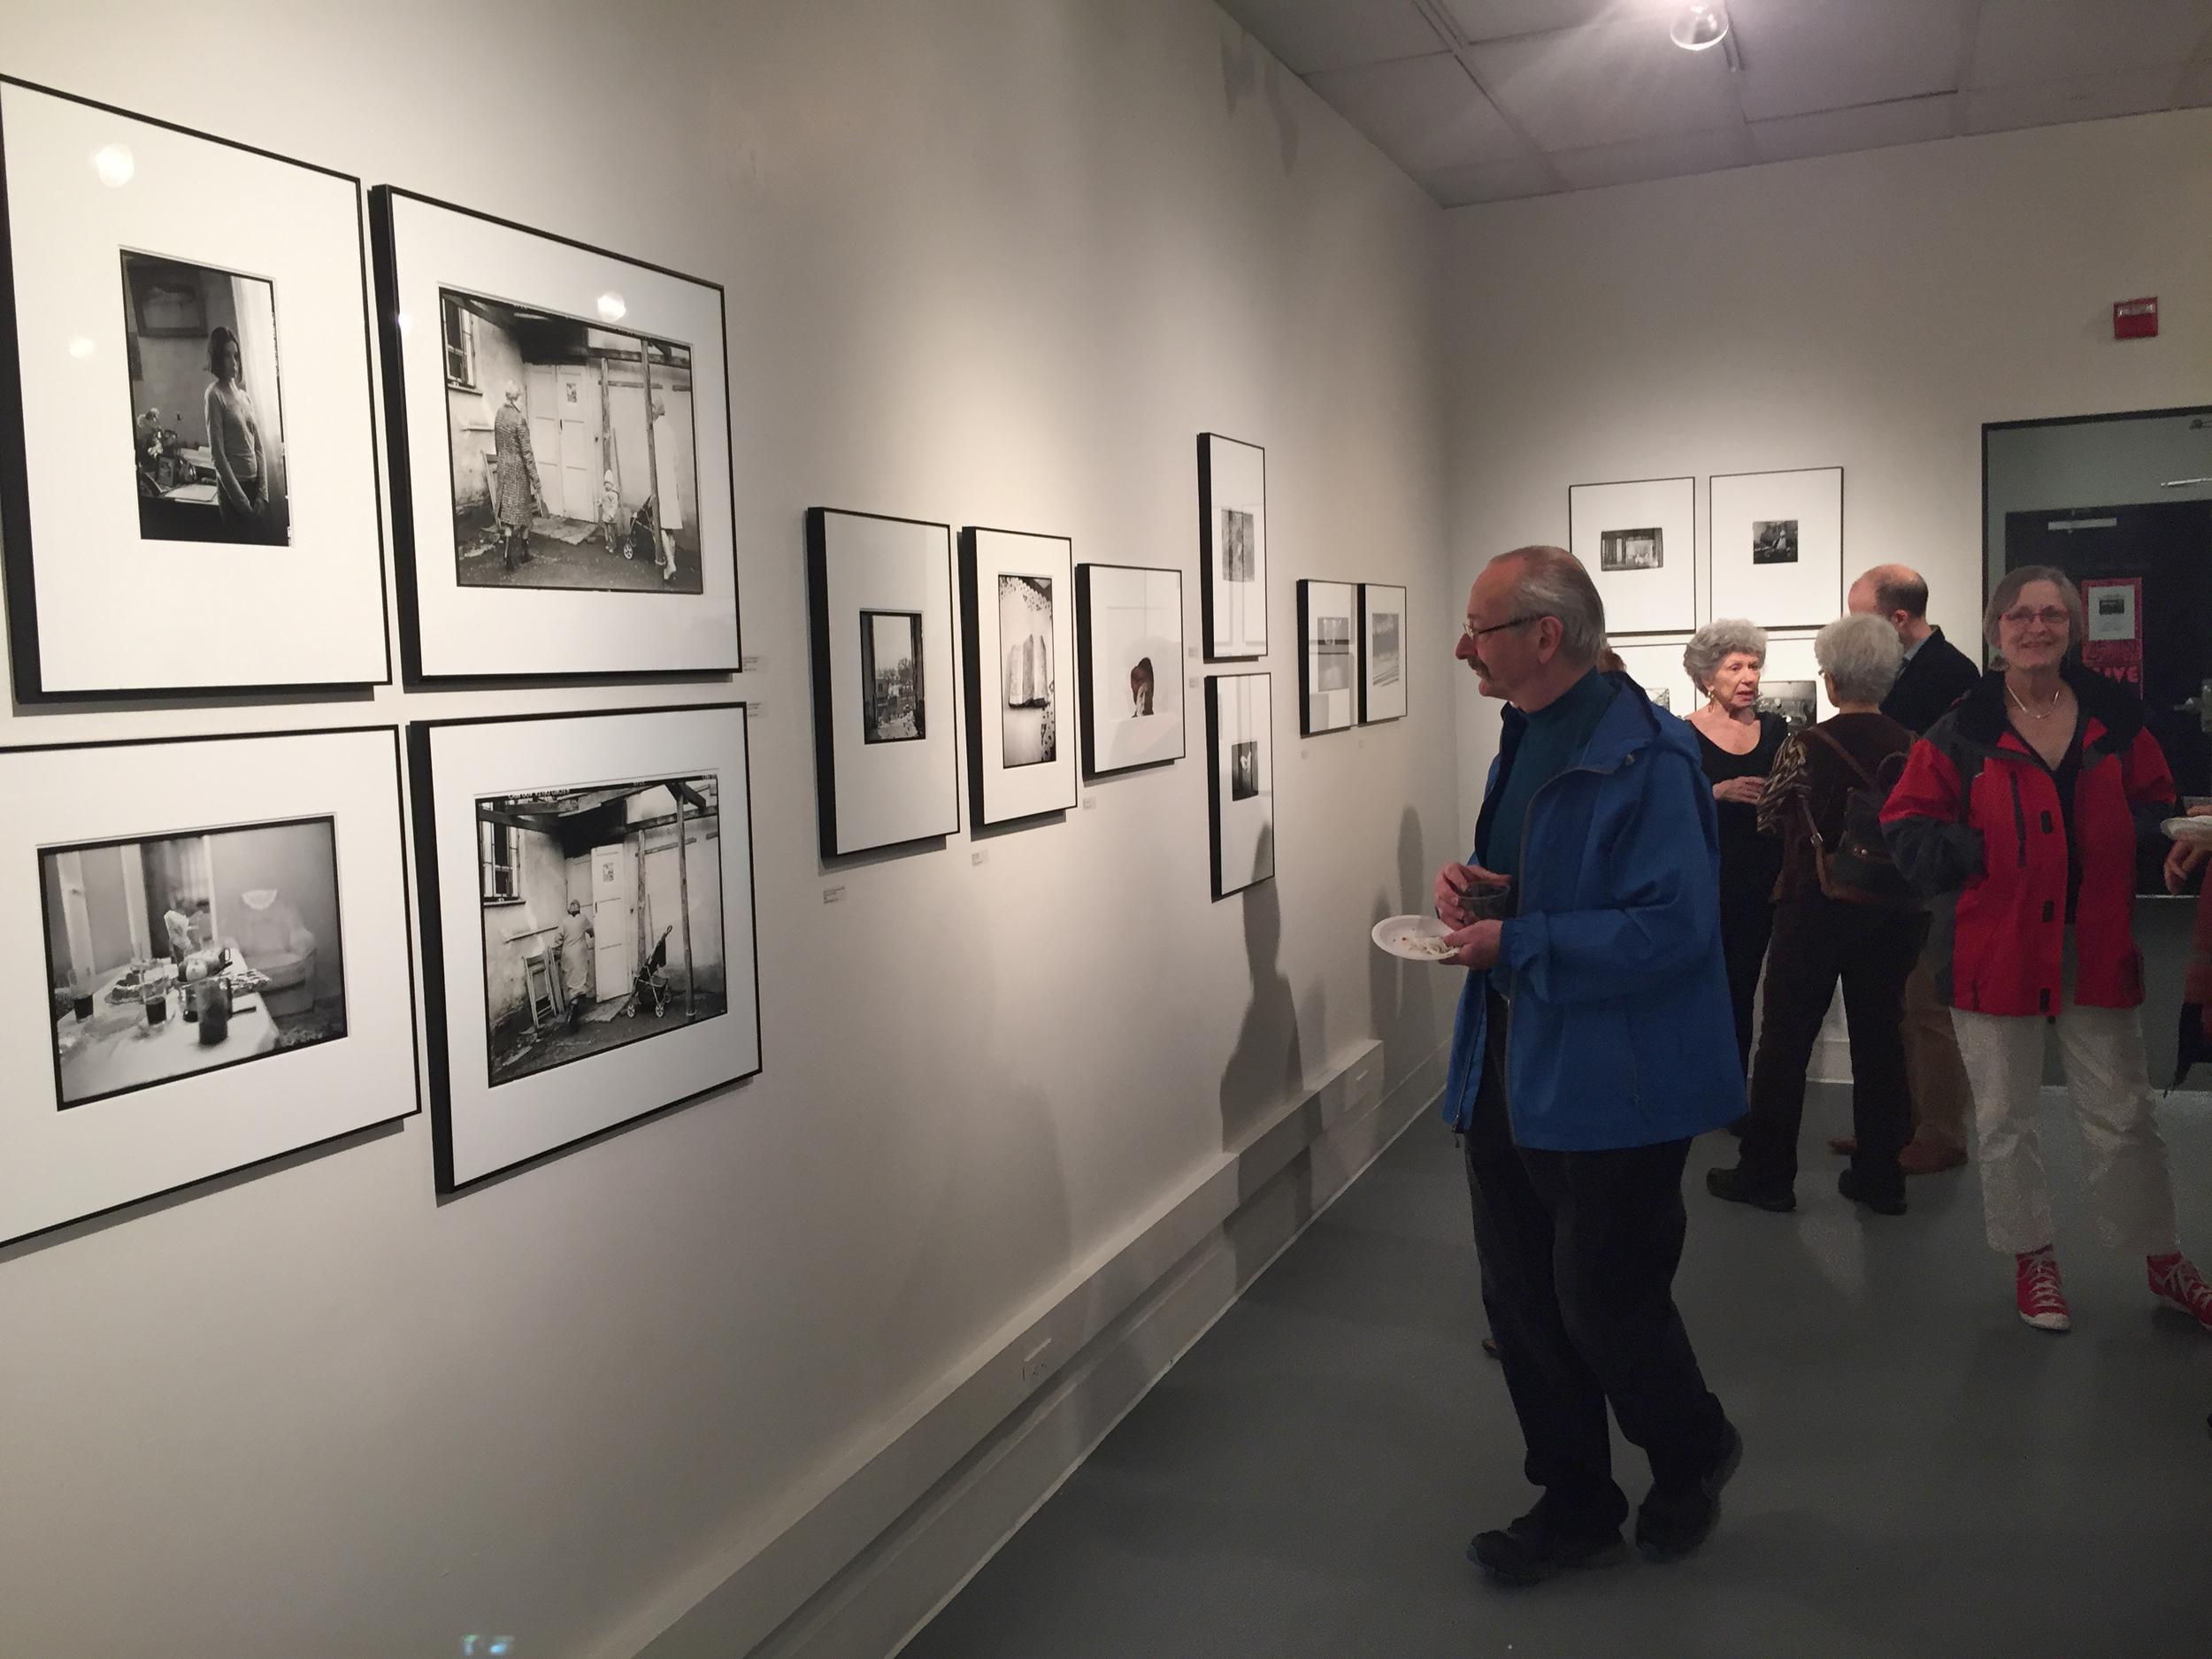 MK Gallery, P  ortland, Oragon   April 20 - April 30, 2015